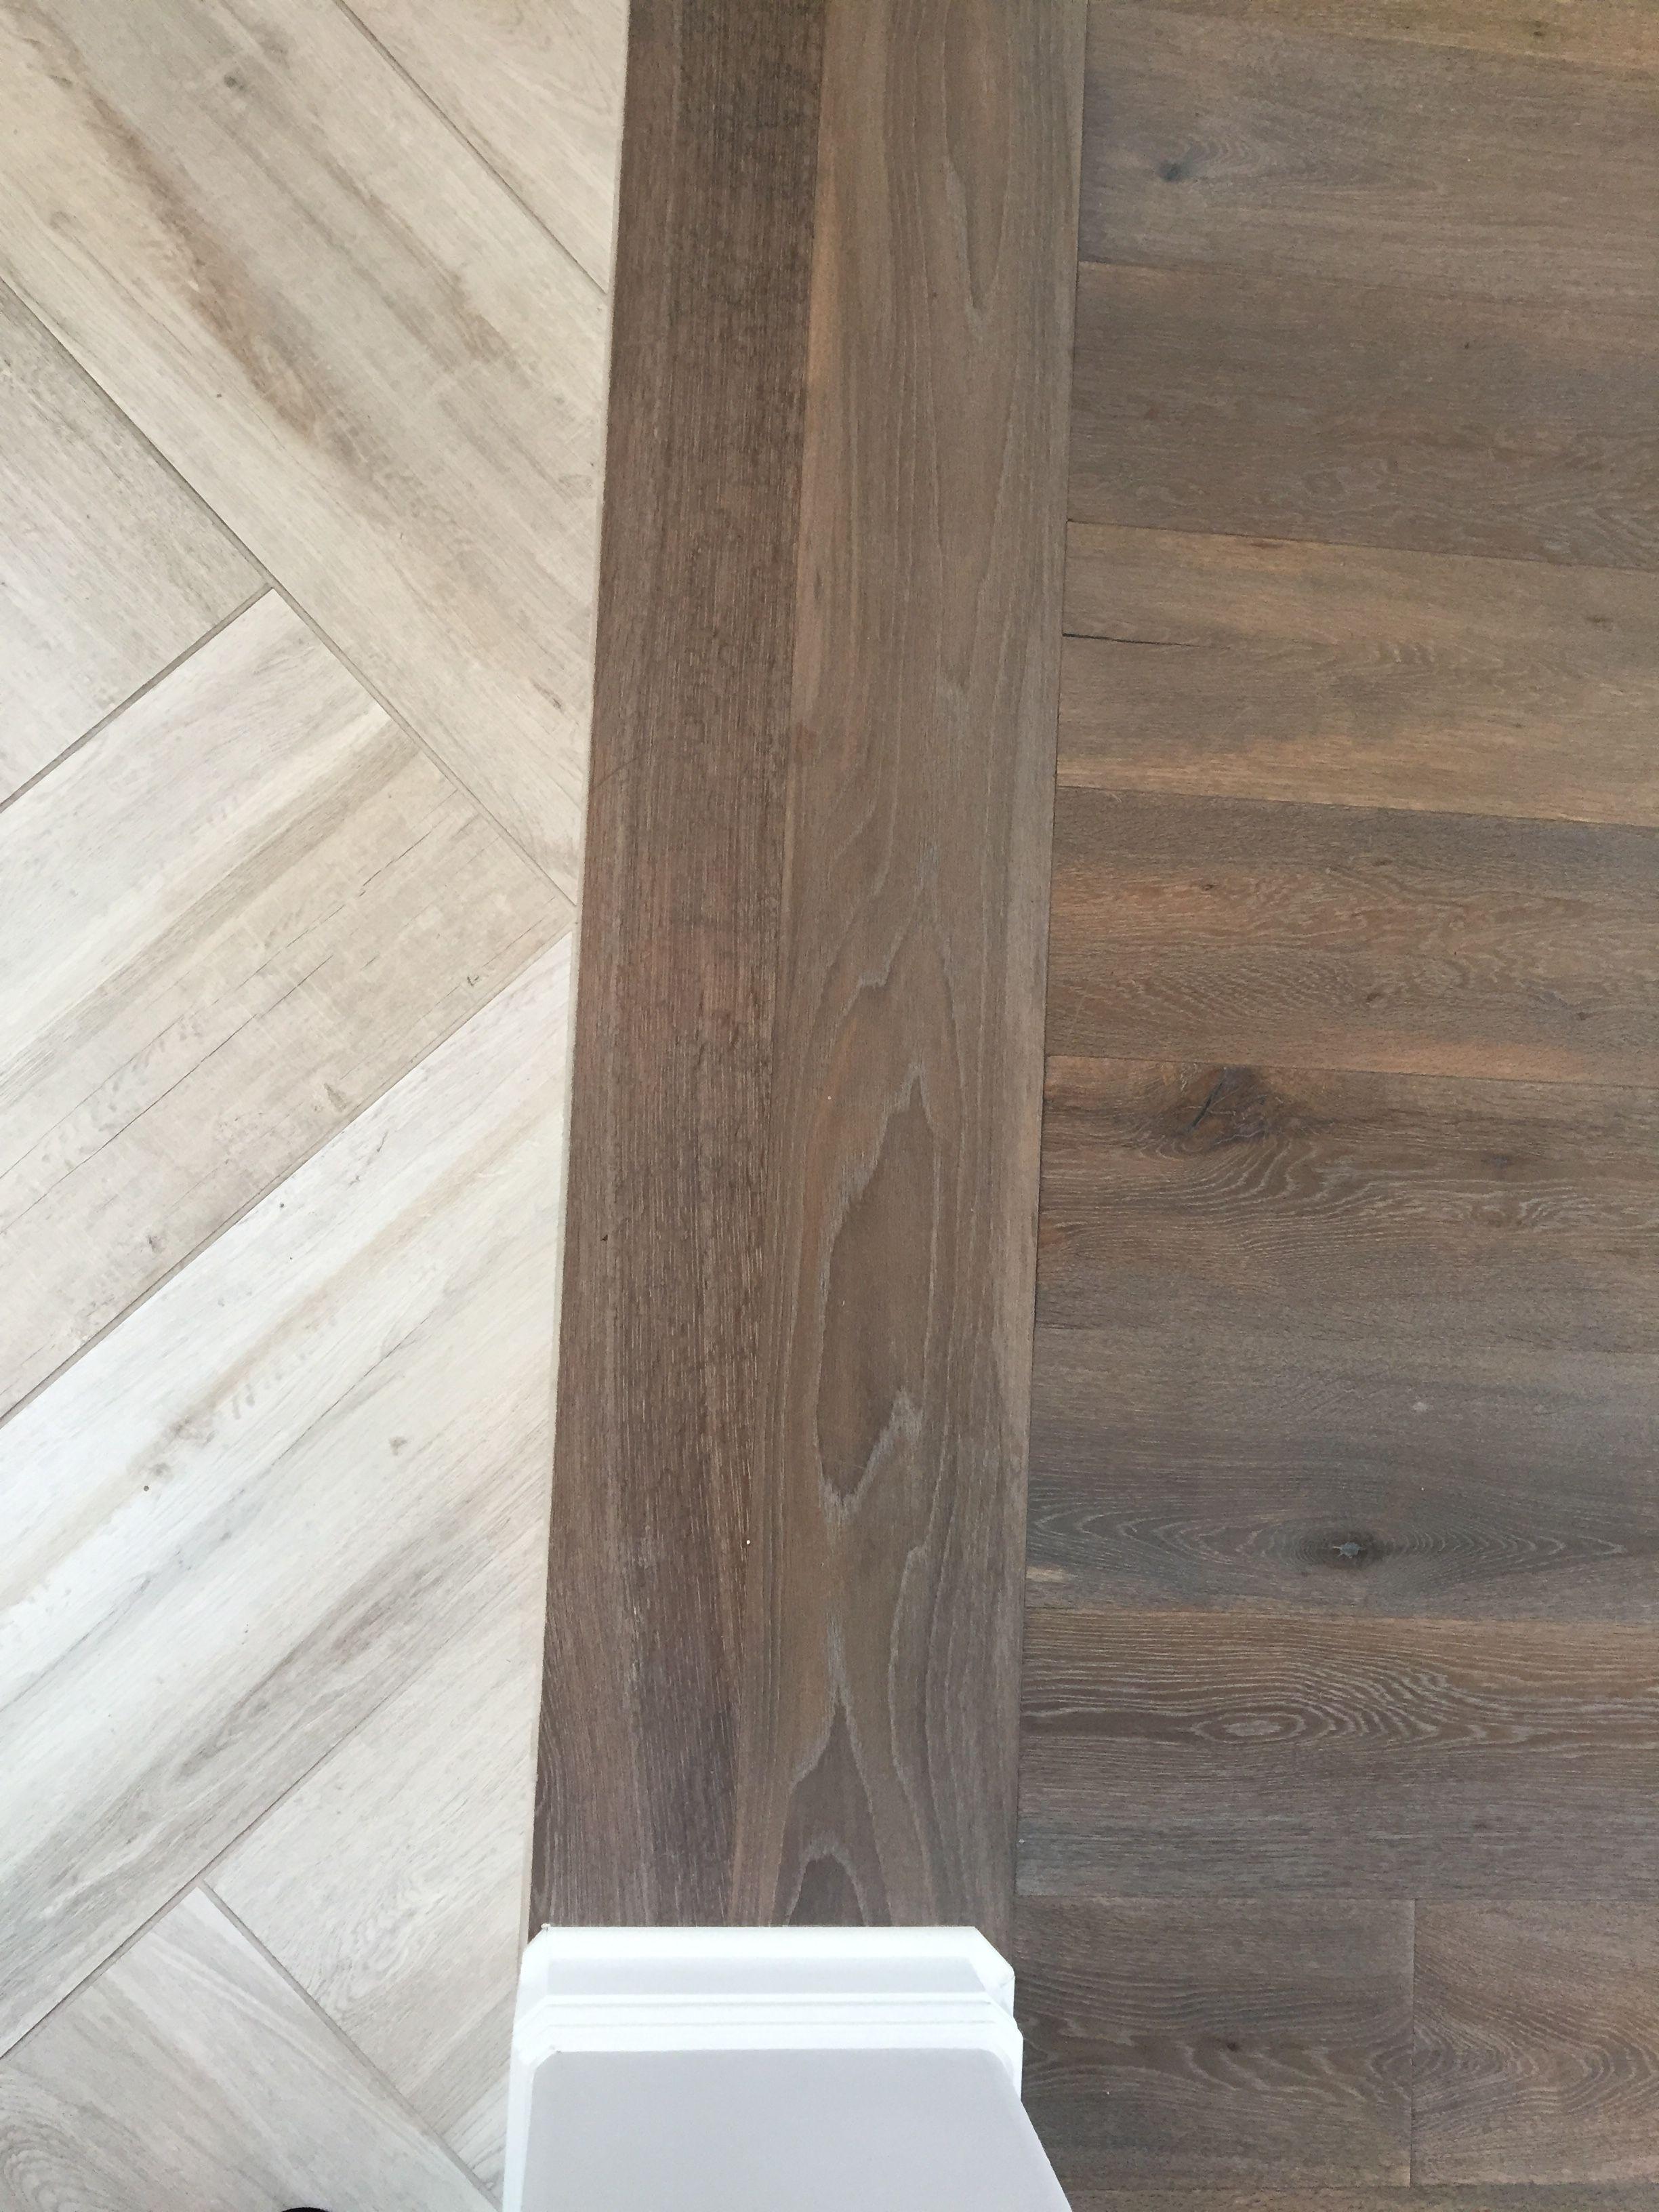 How Much to Refinish Engineered Hardwood Floors Of Floor Transition Laminate to Herringbone Tile Pattern Model Throughout Floor Transition Laminate to Herringbone Tile Pattern Herringbone Tile Pattern Herringbone Wood Floor